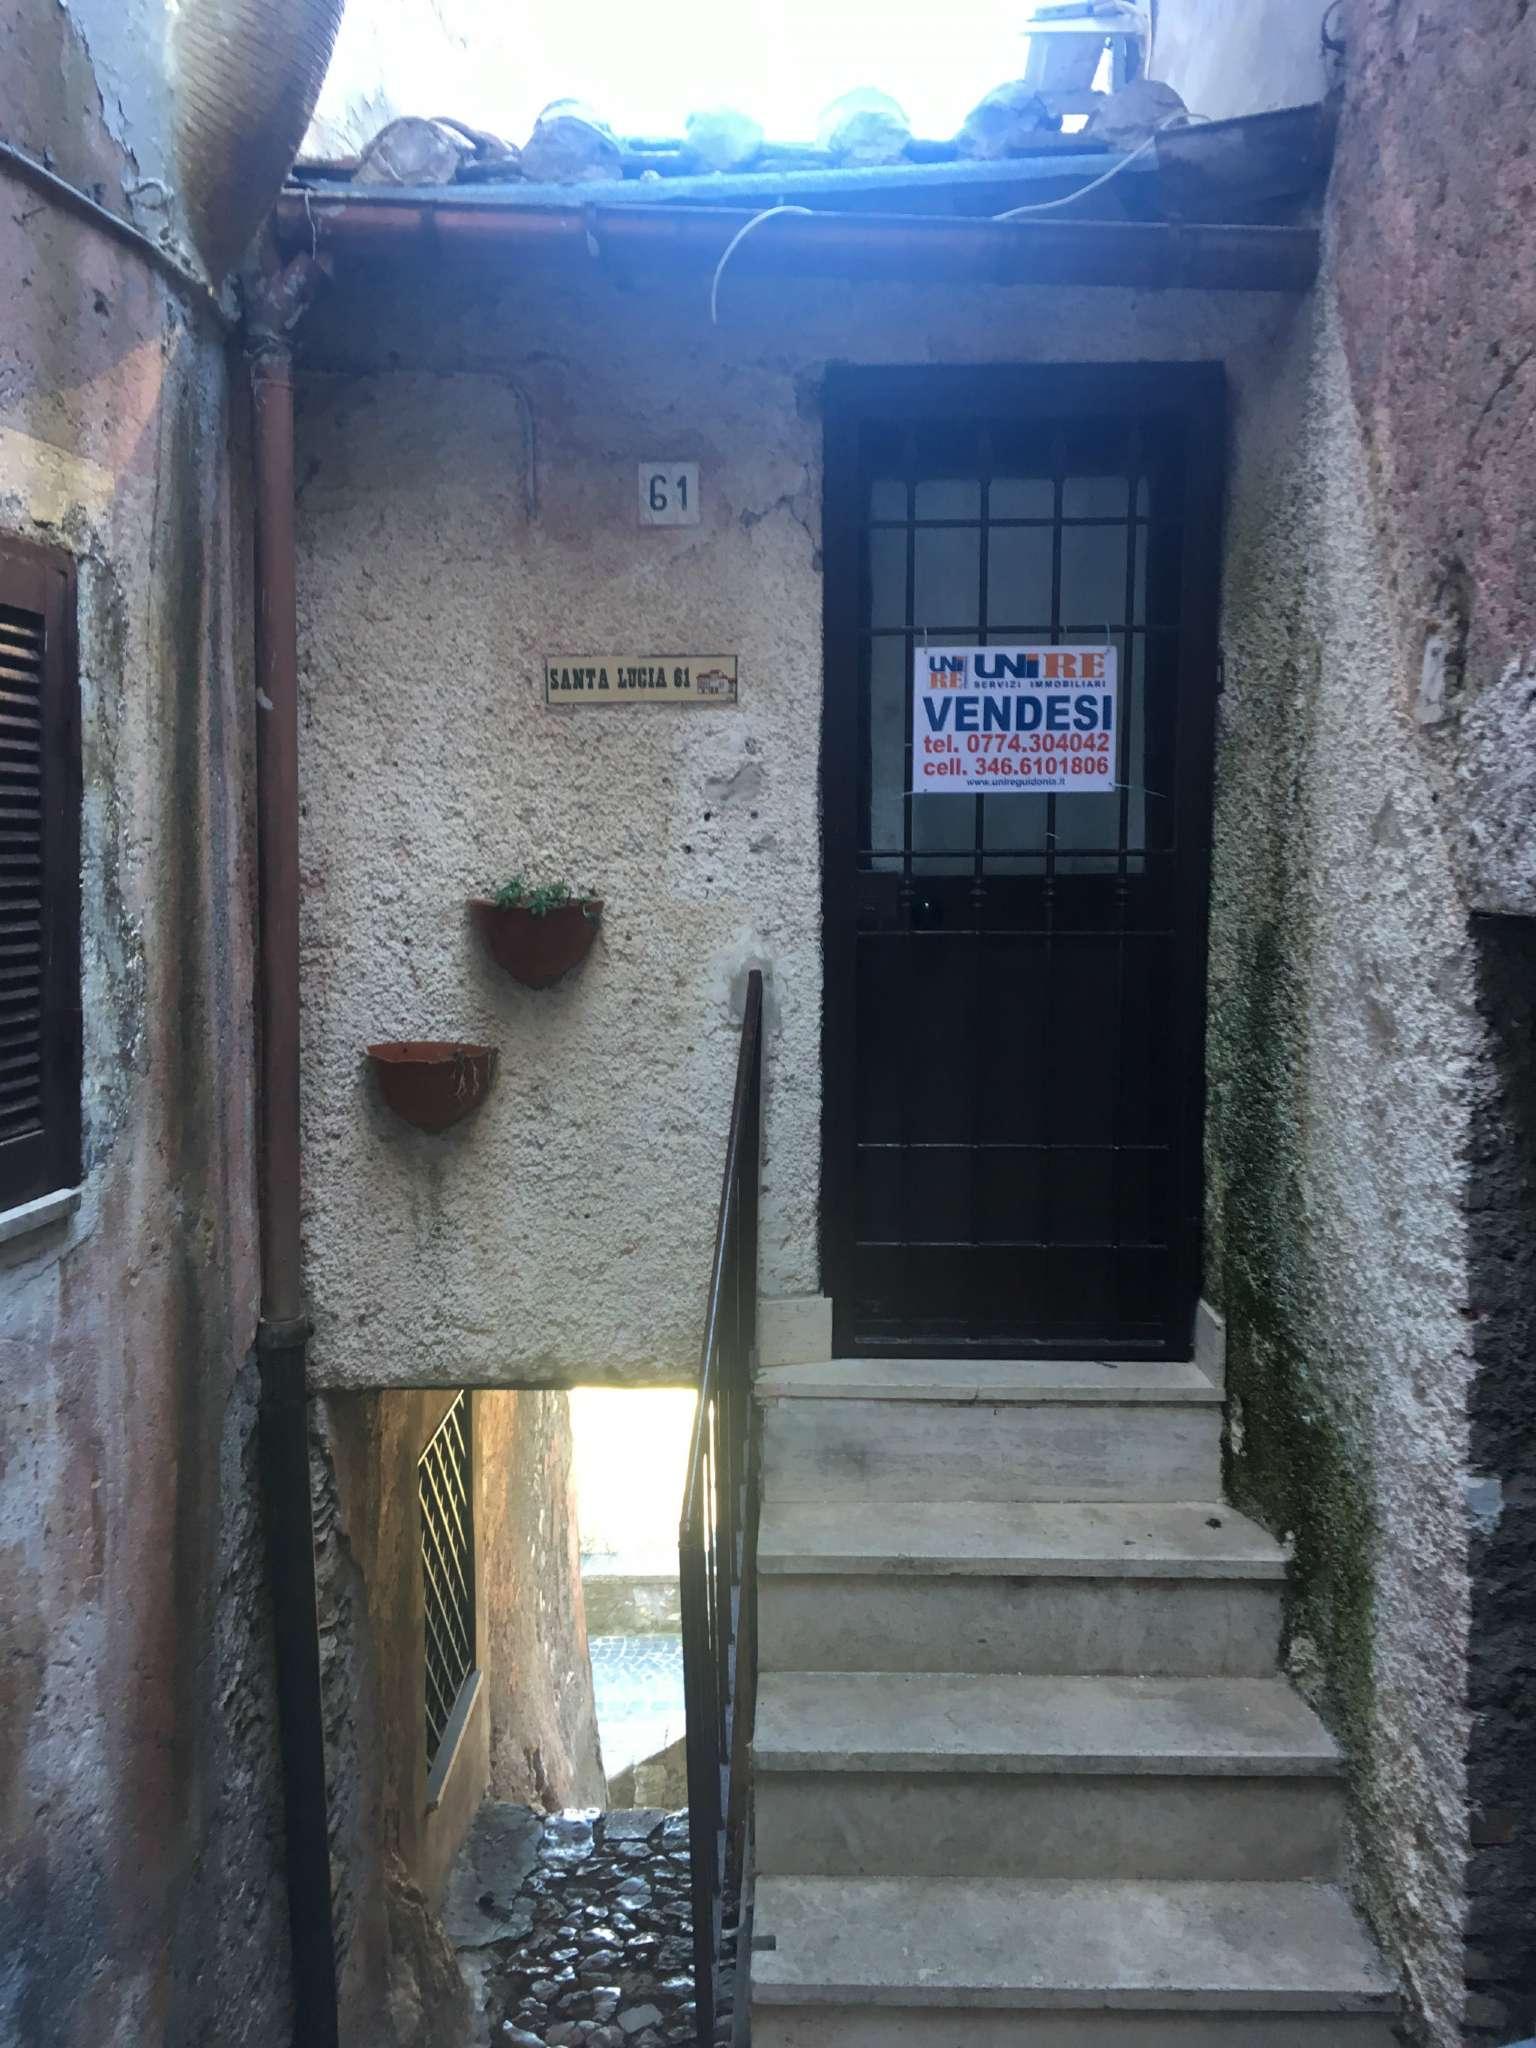 Appartamento in vendita a San Polo dei Cavalieri, 2 locali, prezzo € 49.000 | Cambio Casa.it